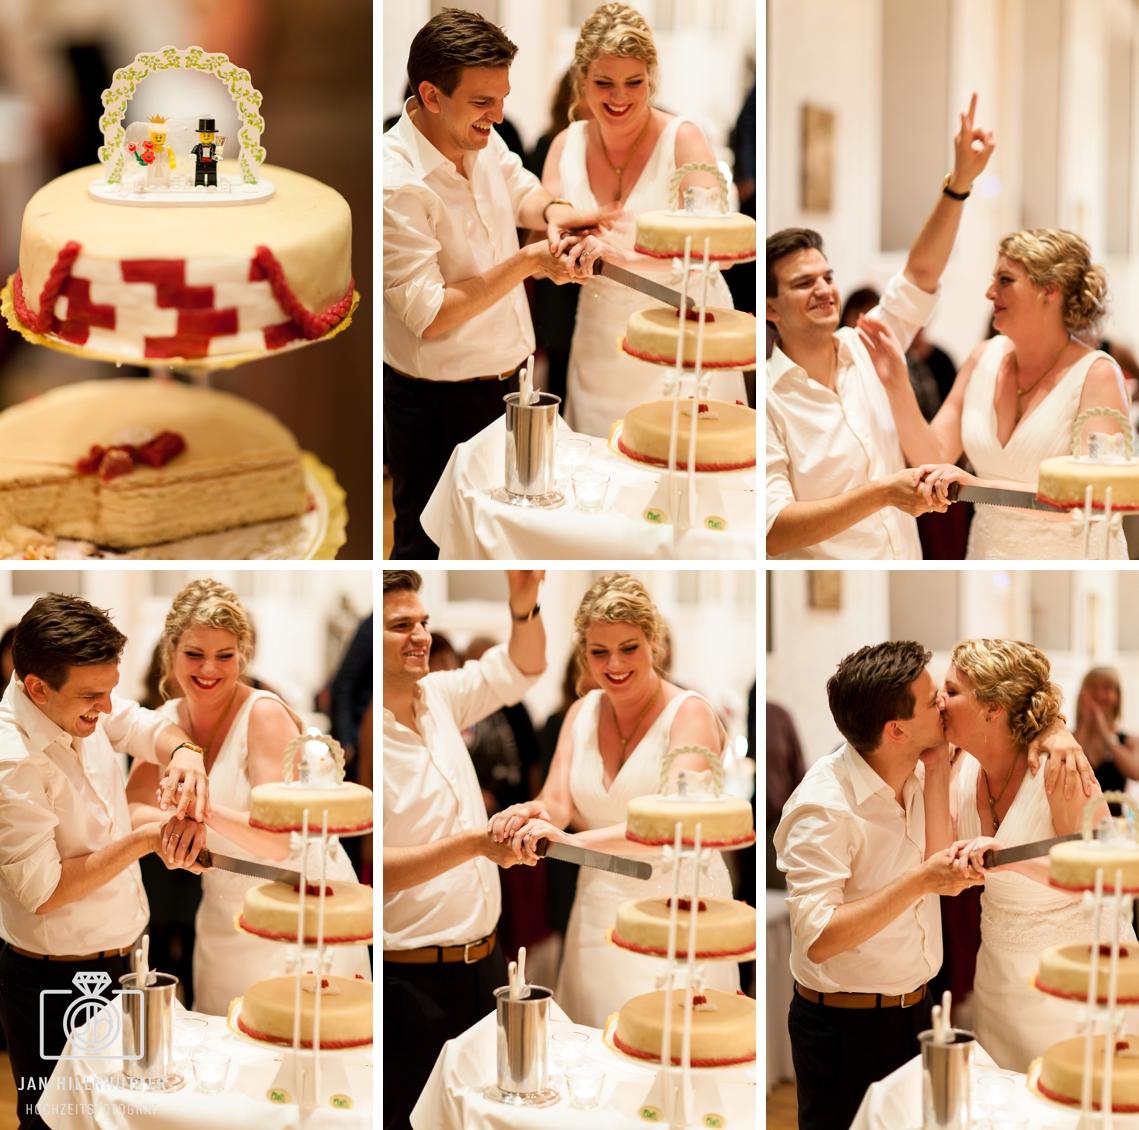 Hochzeitspaar-Hochzeitstorte-Schlosshotel-Weilburg-Anschnitt-lustig